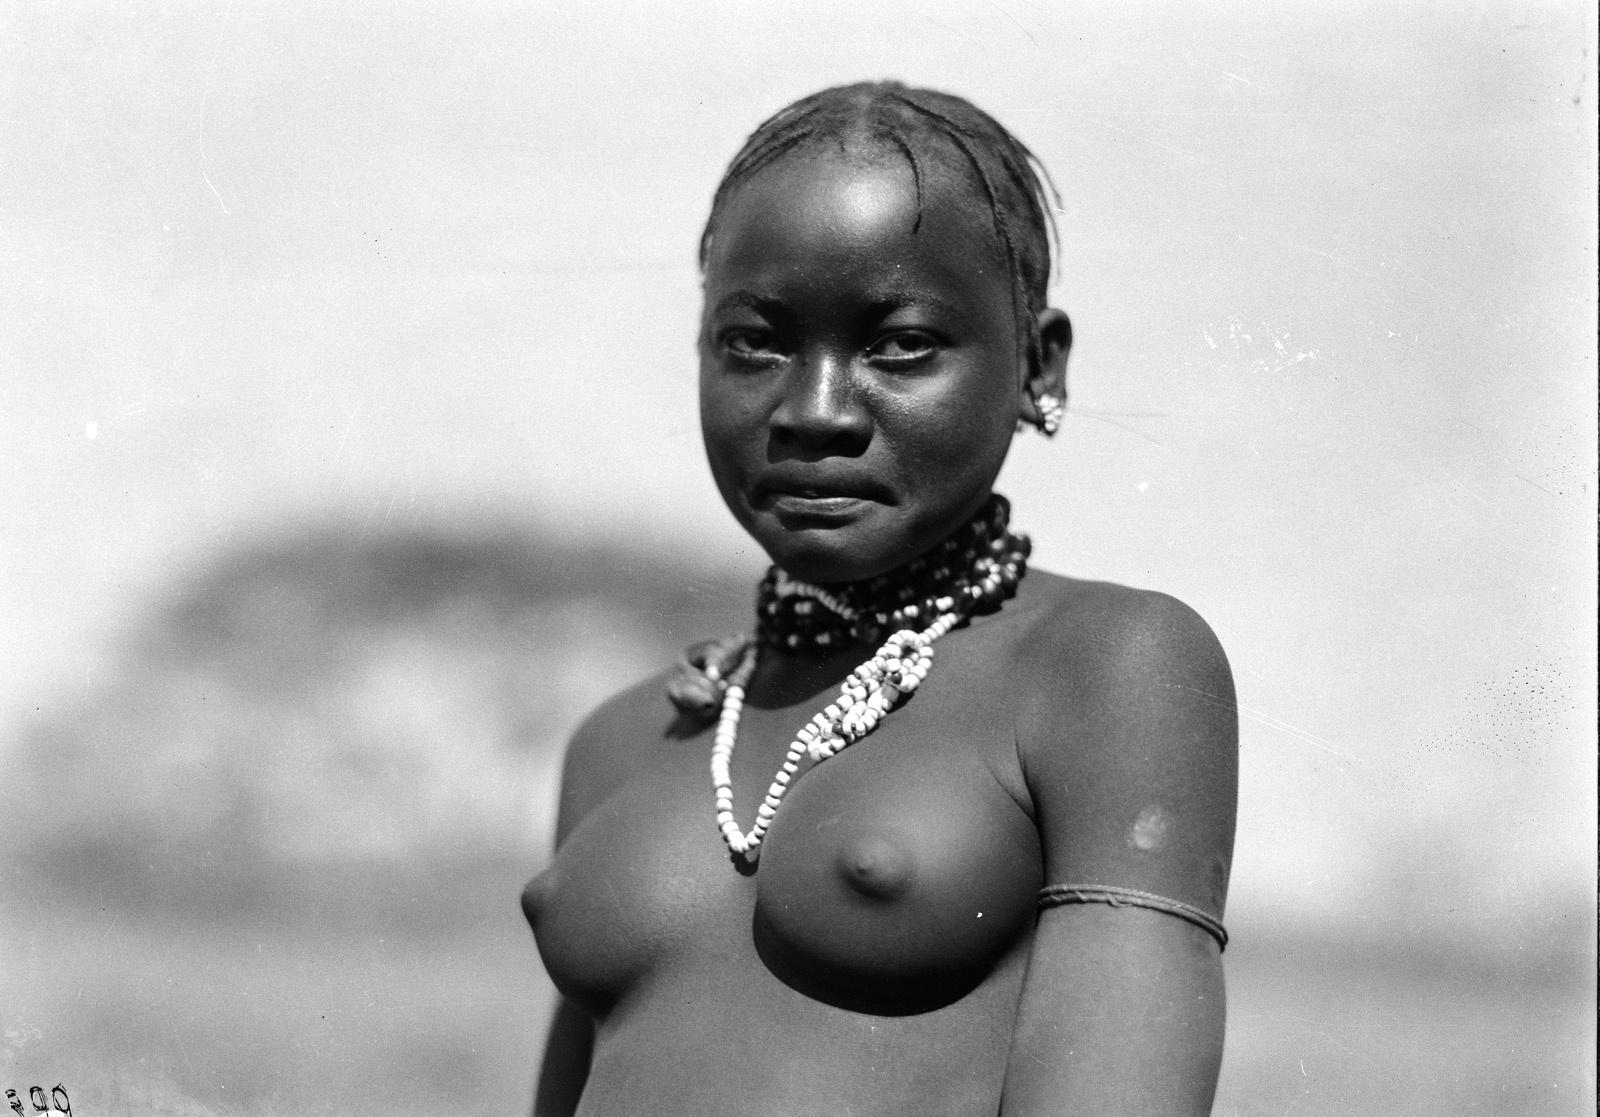 Квазулу-Наталь. Умфолози. Женщина банту